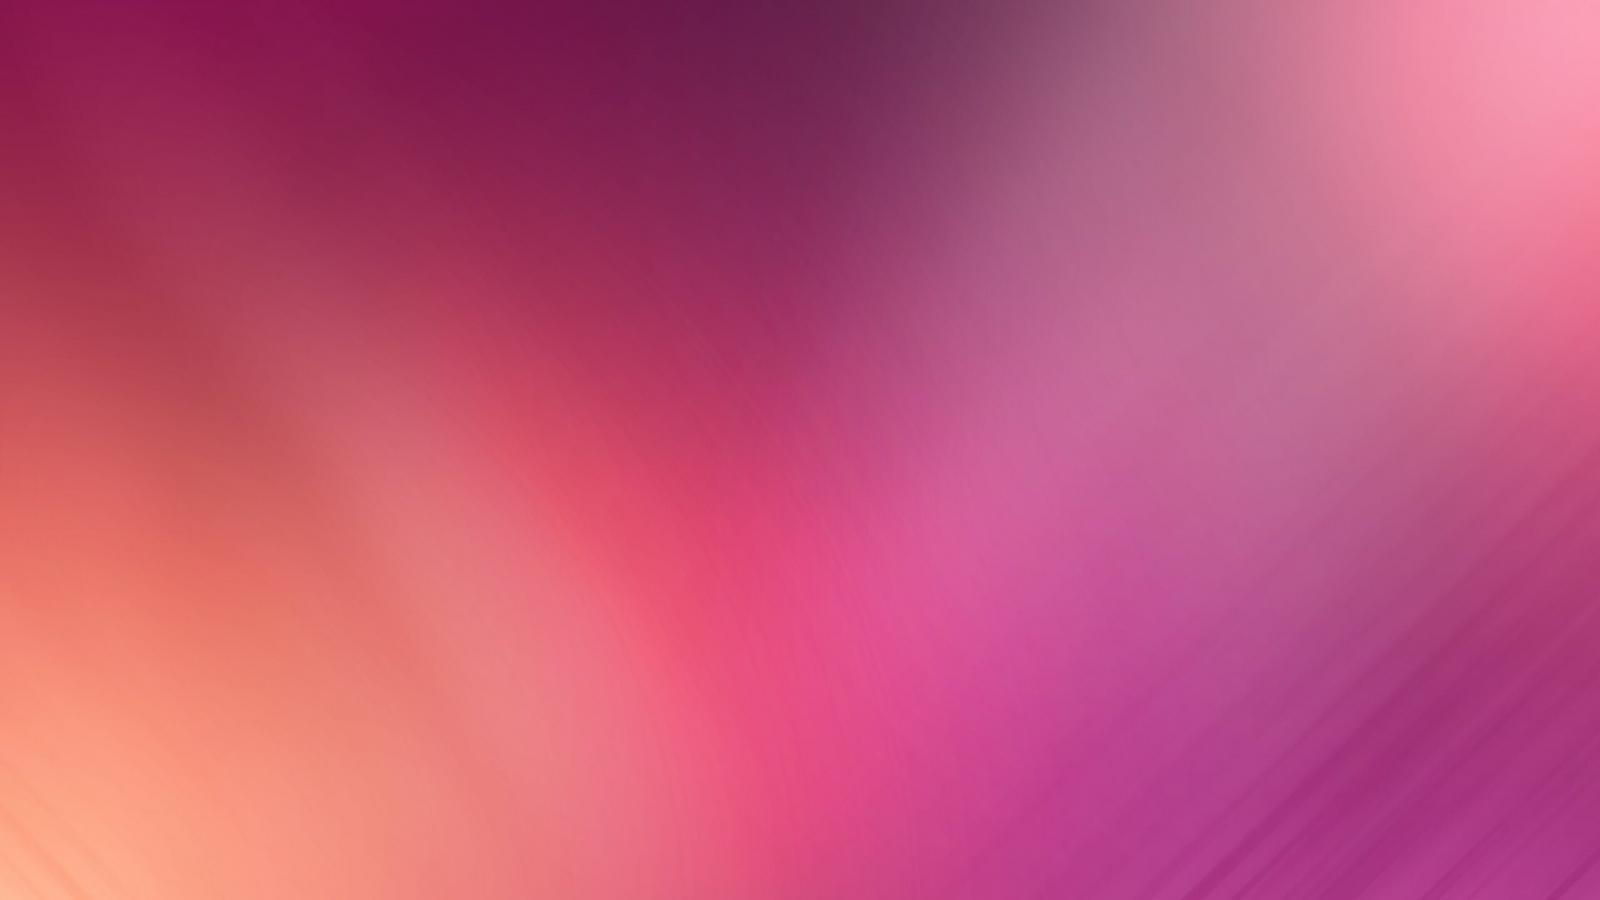 Fondo gradiente abstracto - 1600x900